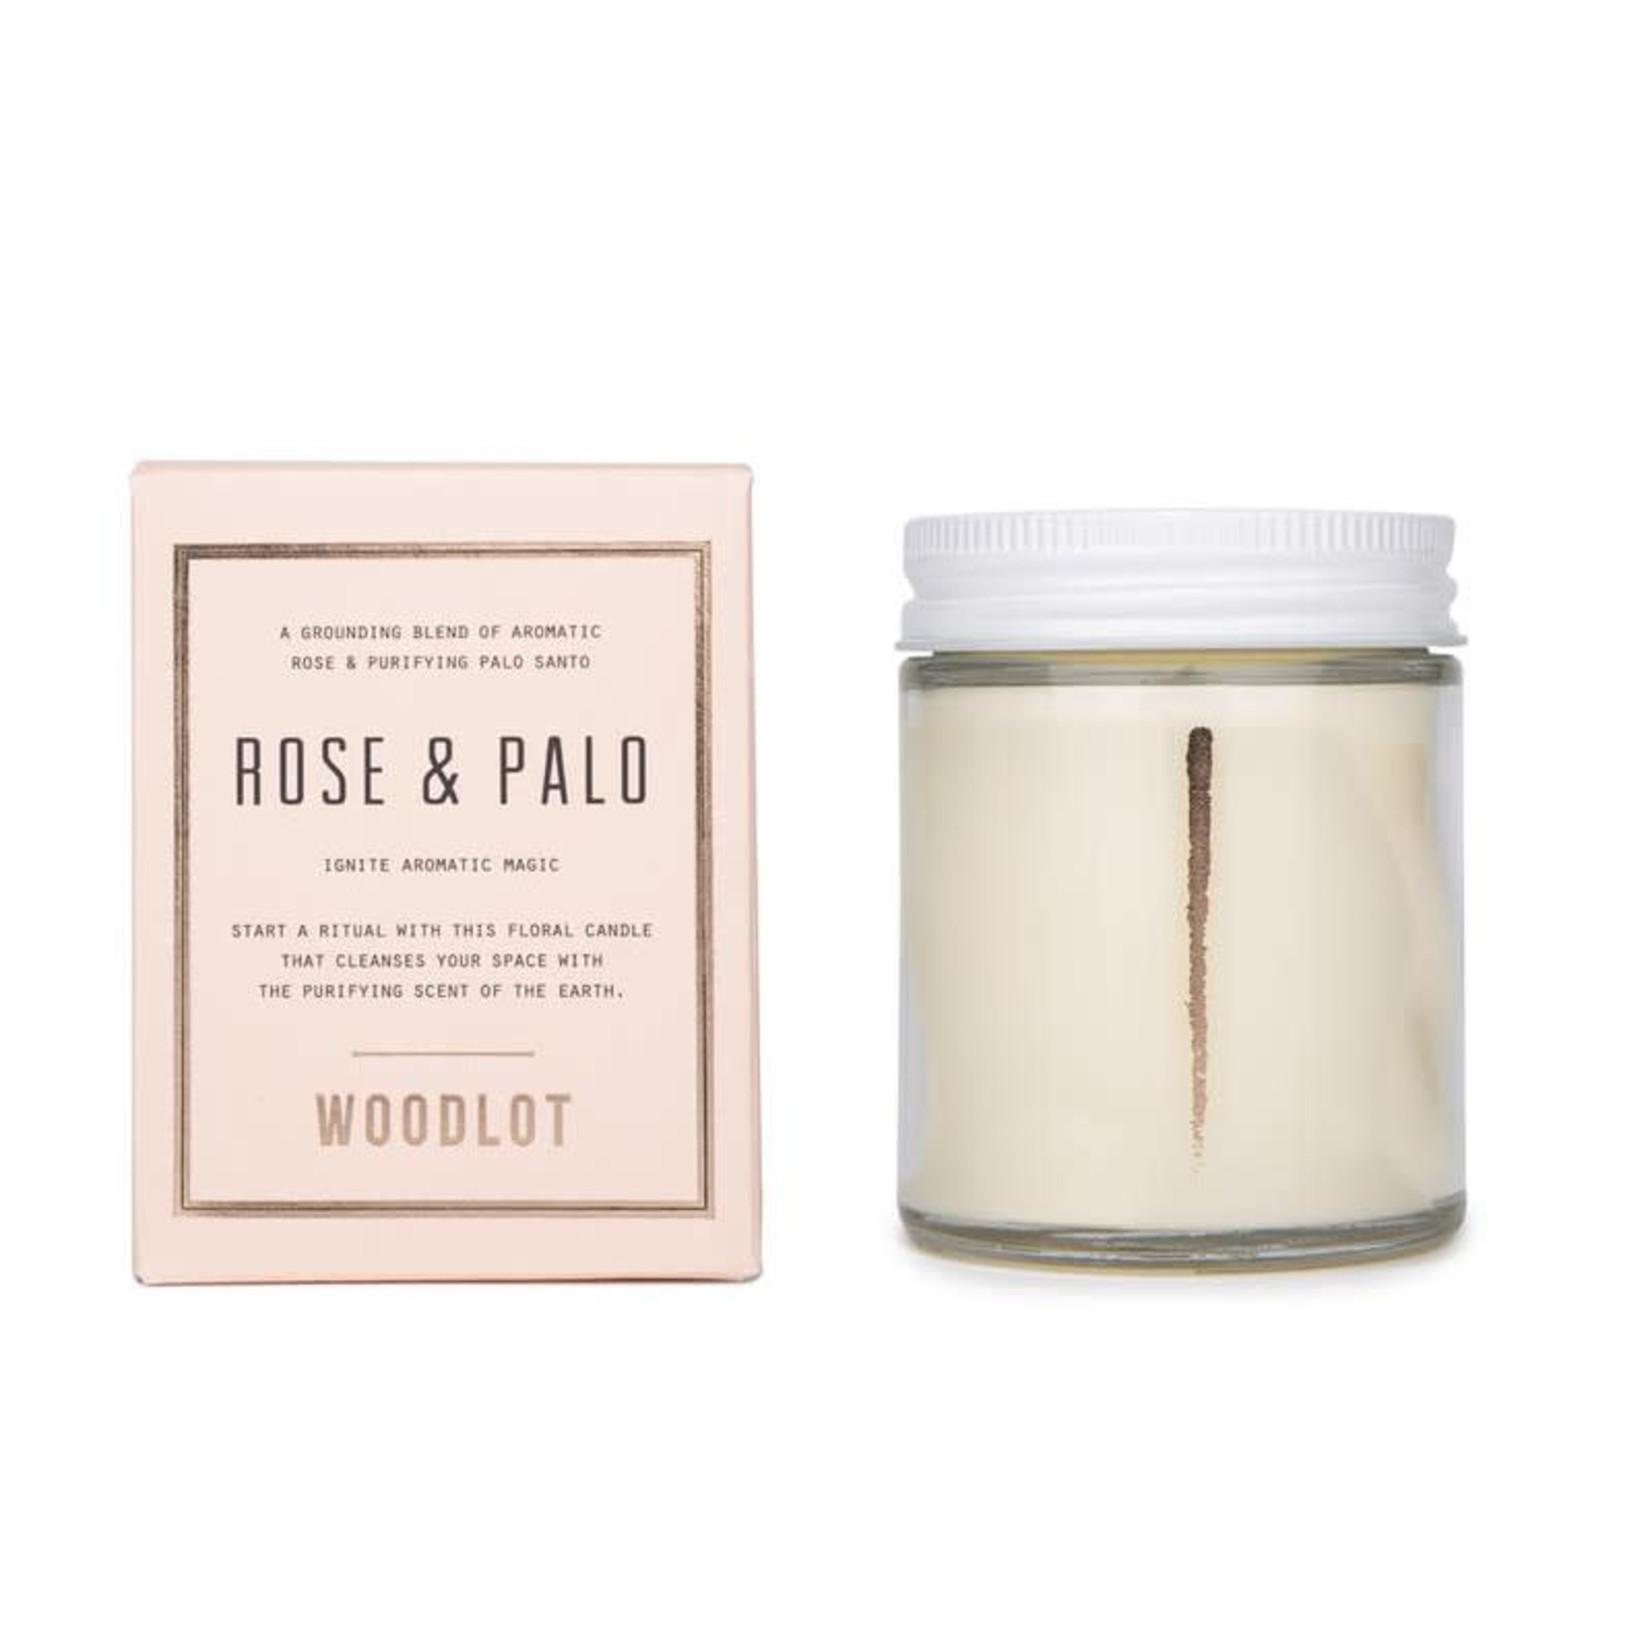 WOODLOT 8OZ CANDLE - ROSE + PALO